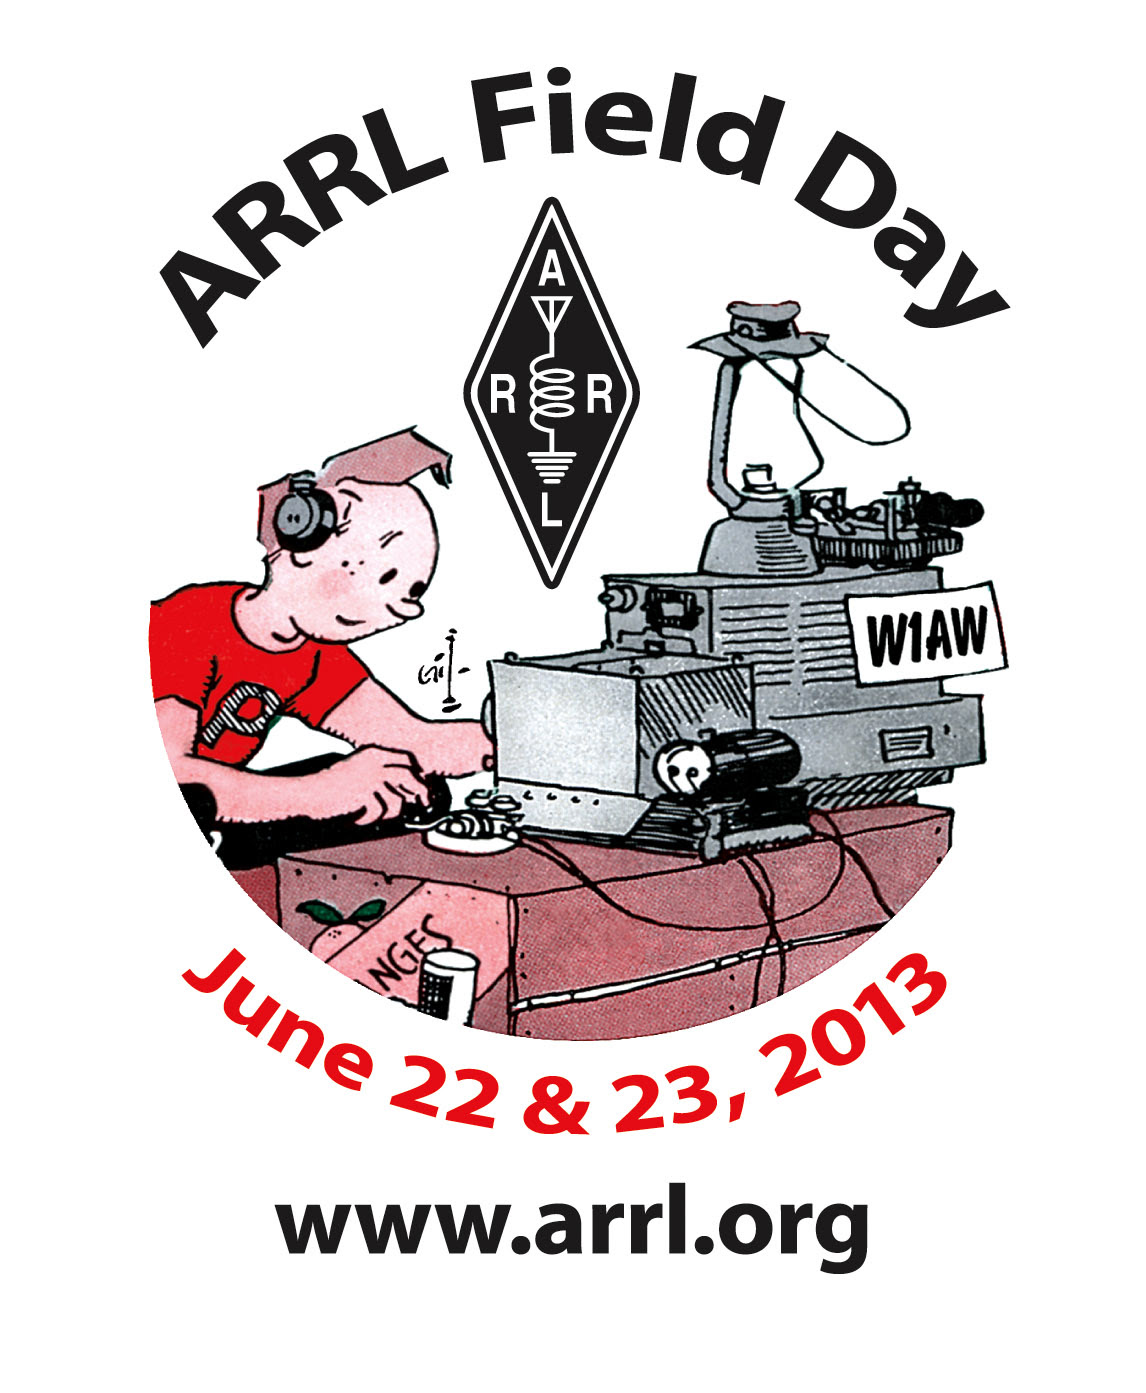 http://www.arrl.org/files/file/Field-Day/2013/2013FieldDayLogoWeb.jpg